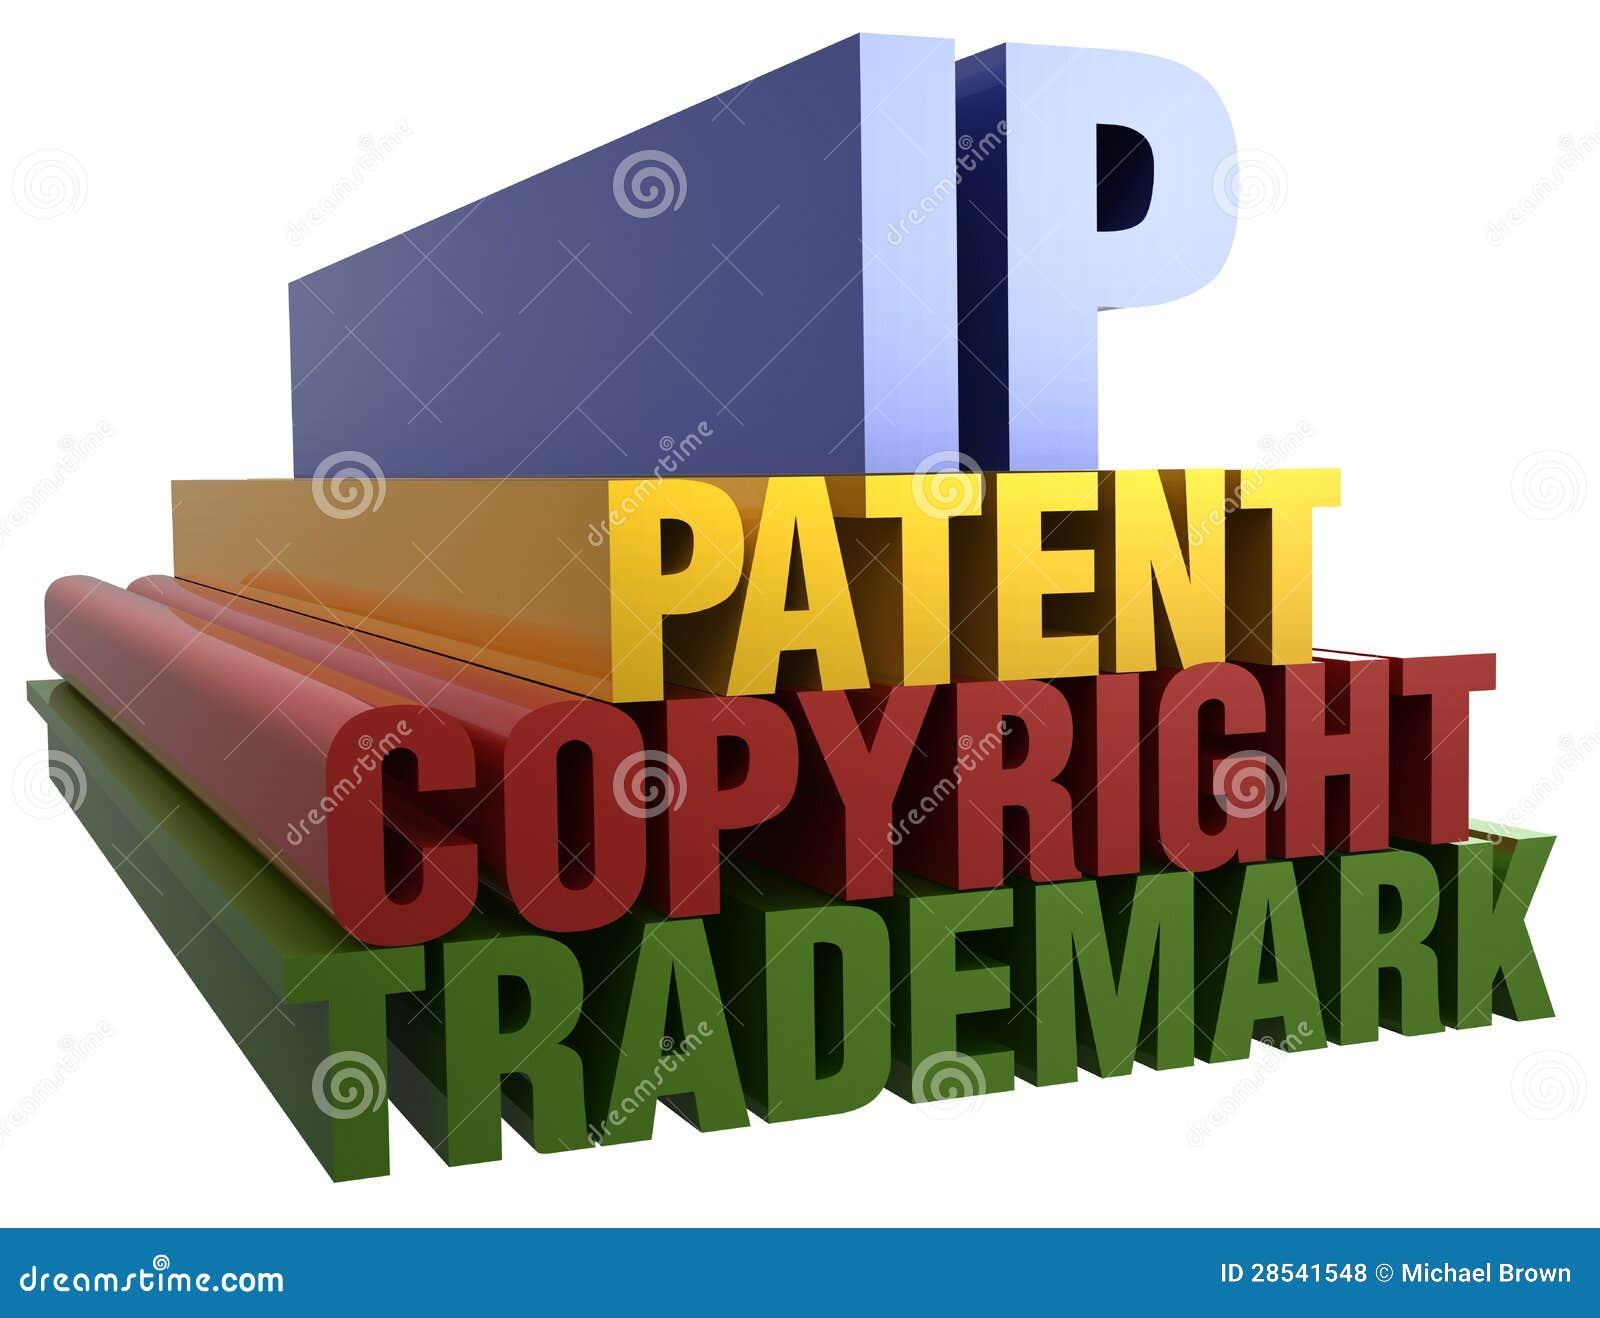 Λέξεις εμπορικών σημάτων πνευματικών δικαιωμάτων διπλωμάτων ευρεσιτεχνίας IP